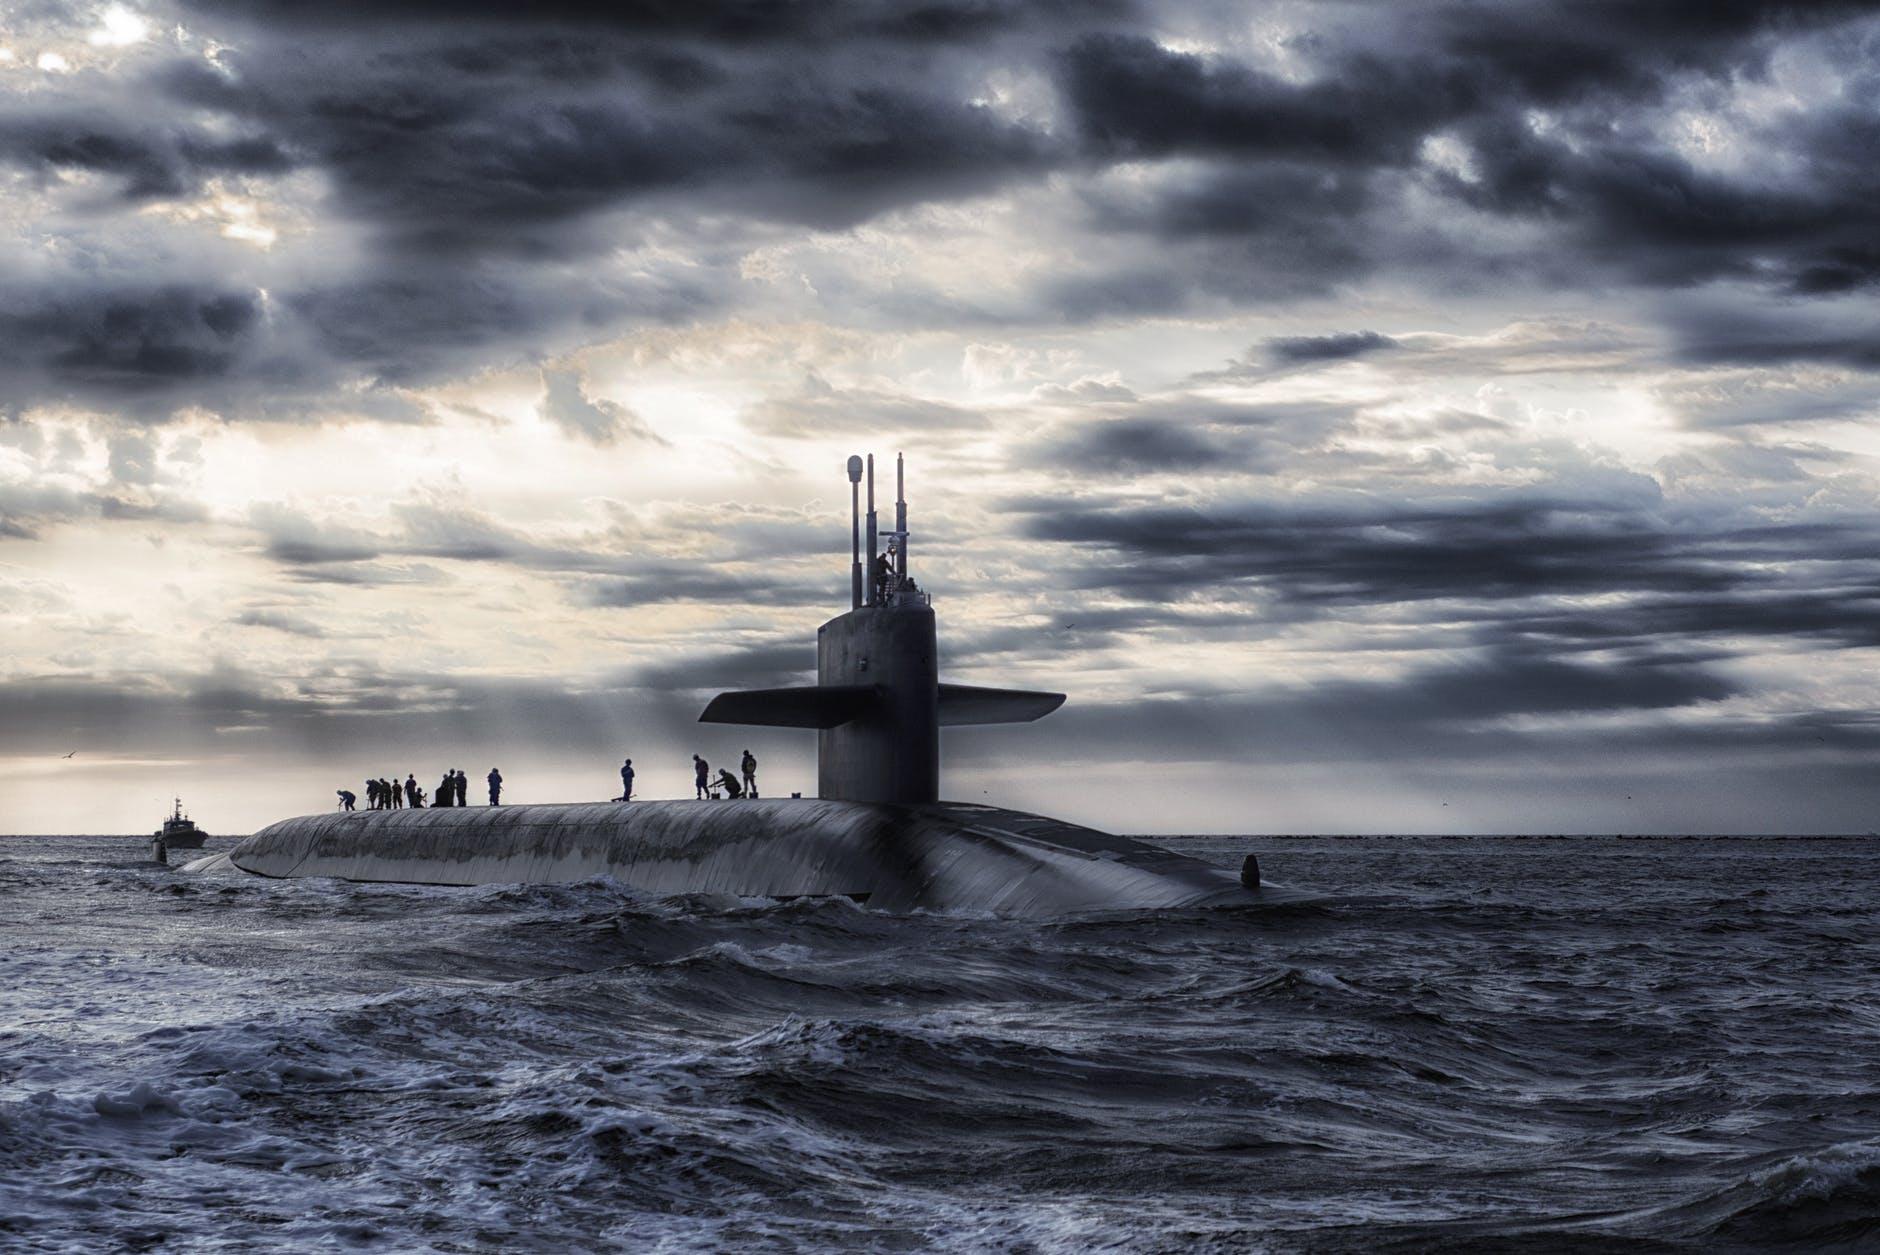 North Korea Tests Submarine Missile